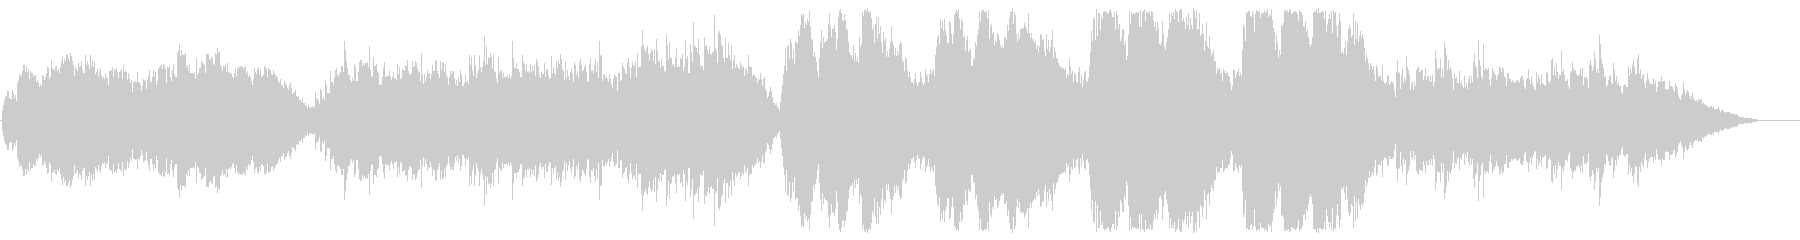 広がりのあるストリングスが特徴的なBGMの未再生の波形